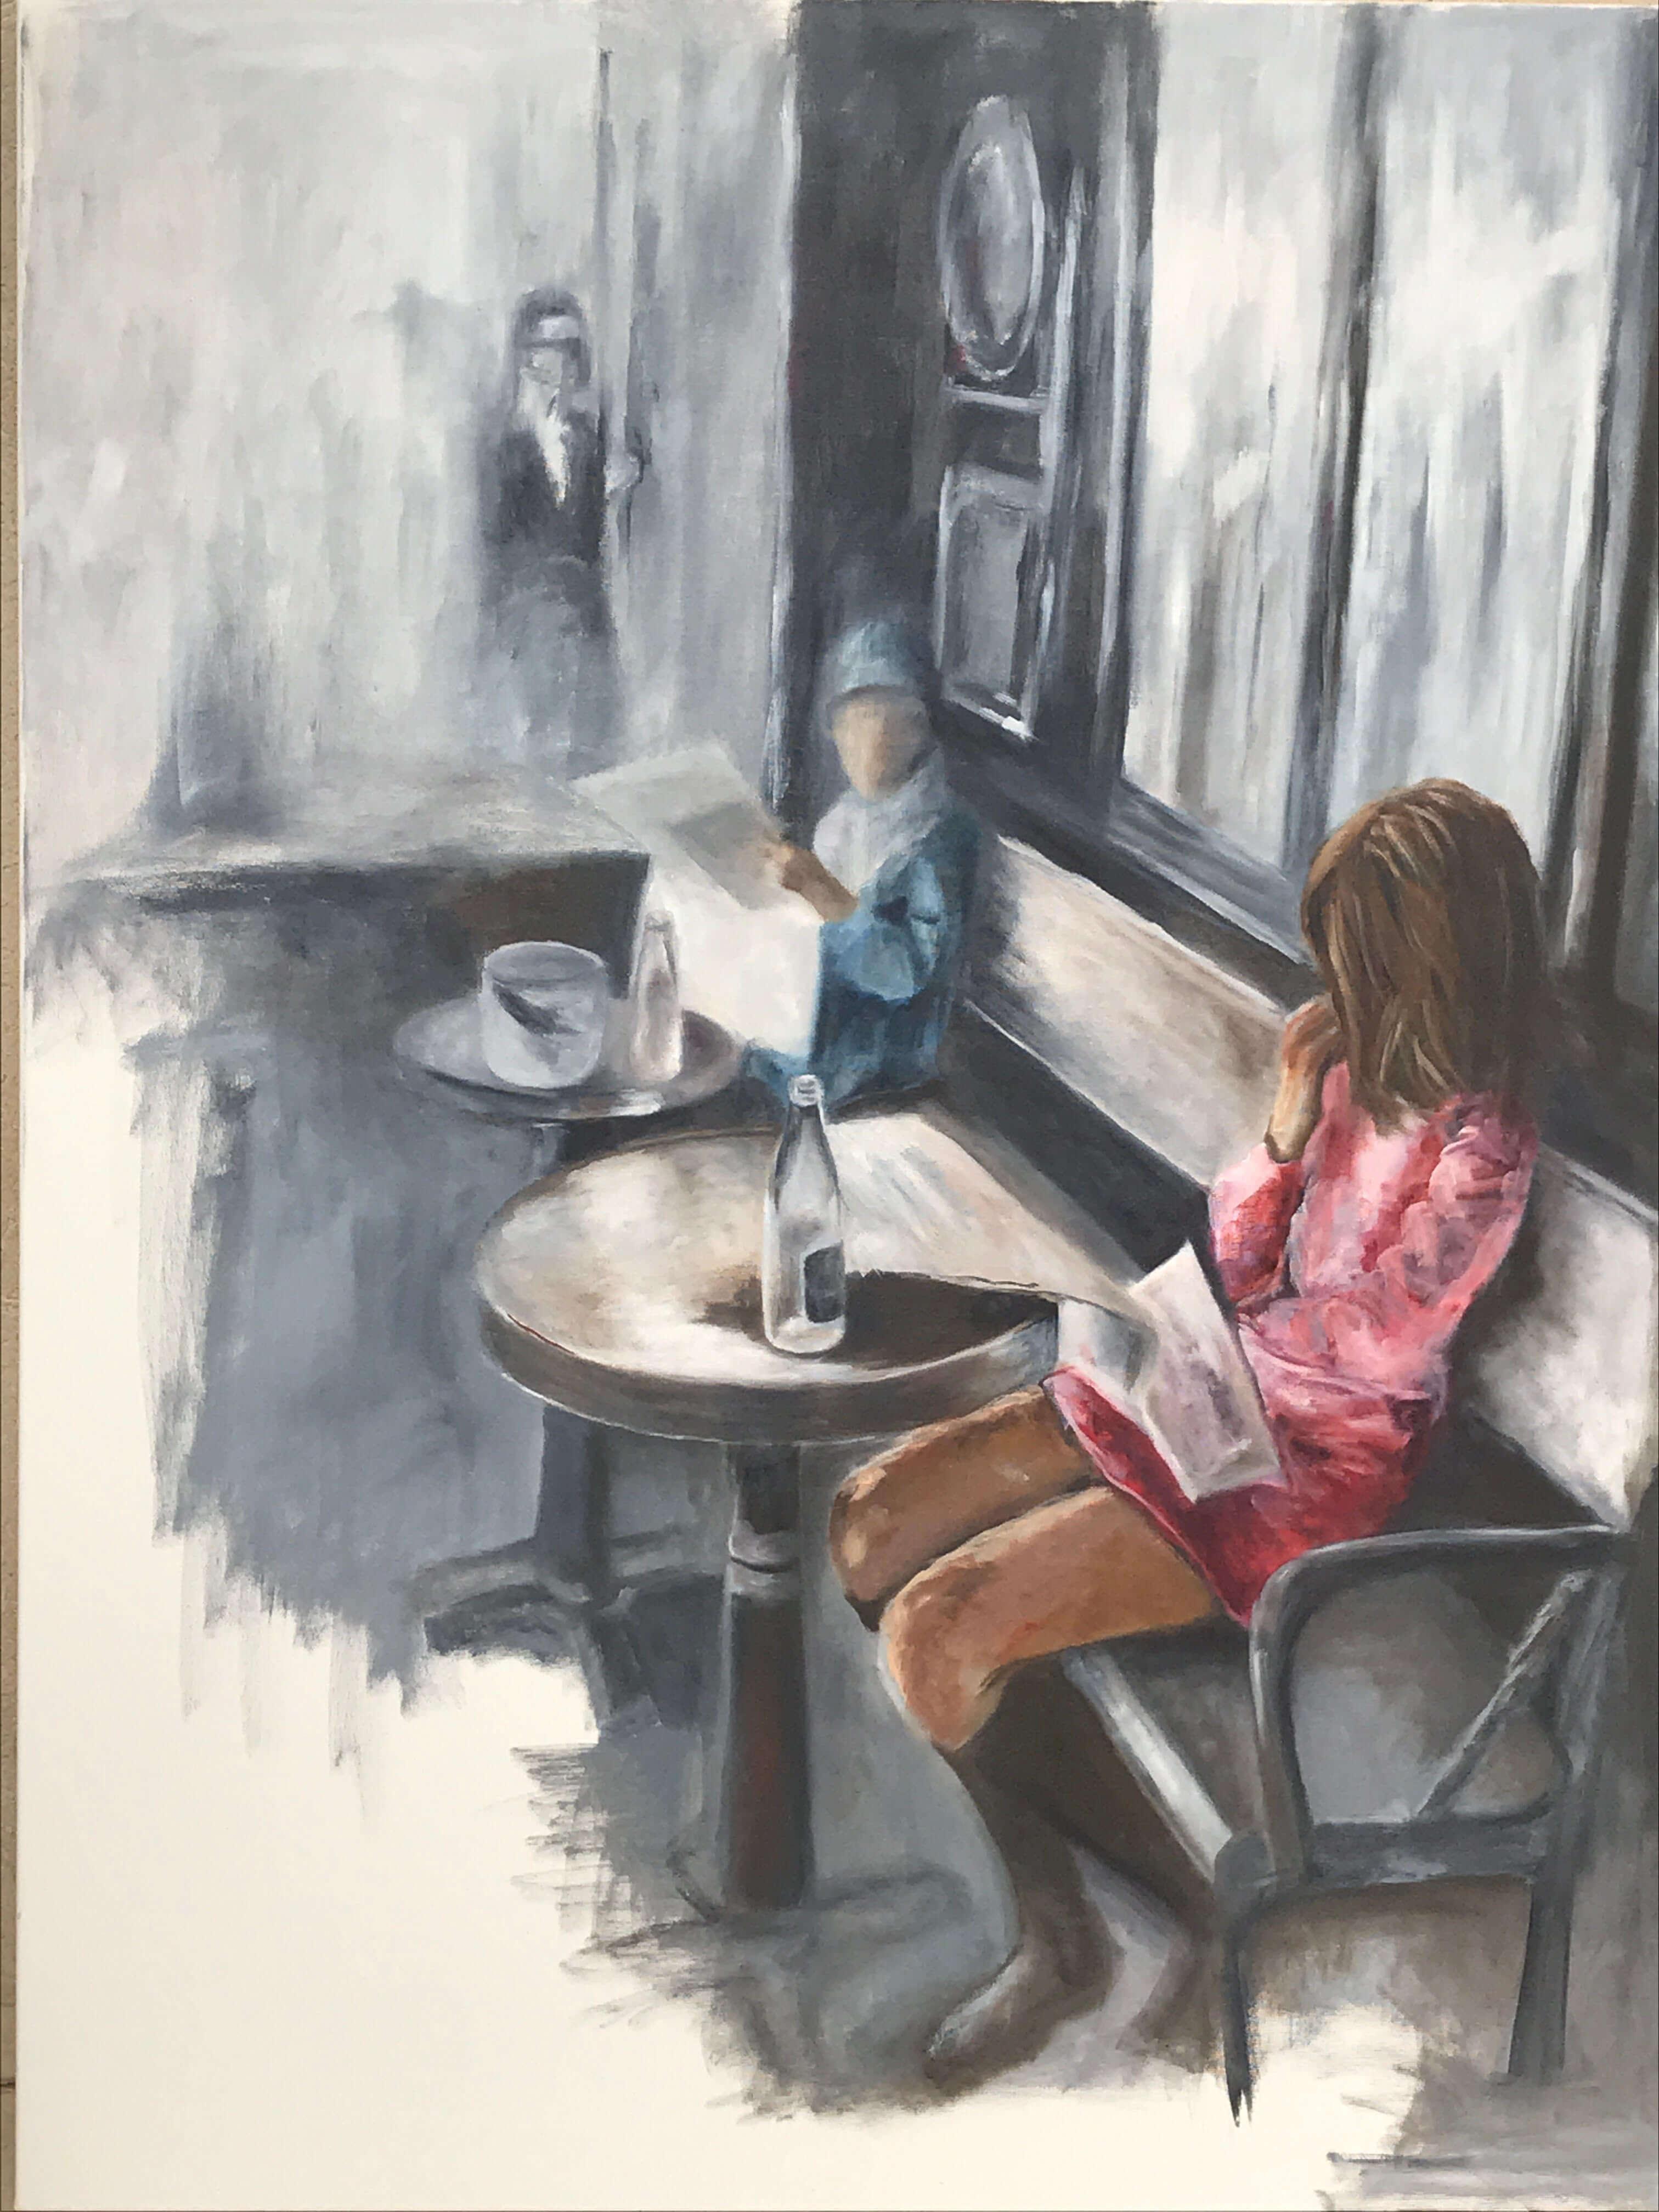 סדנאות ציור - הסטודיו של חגית שחל